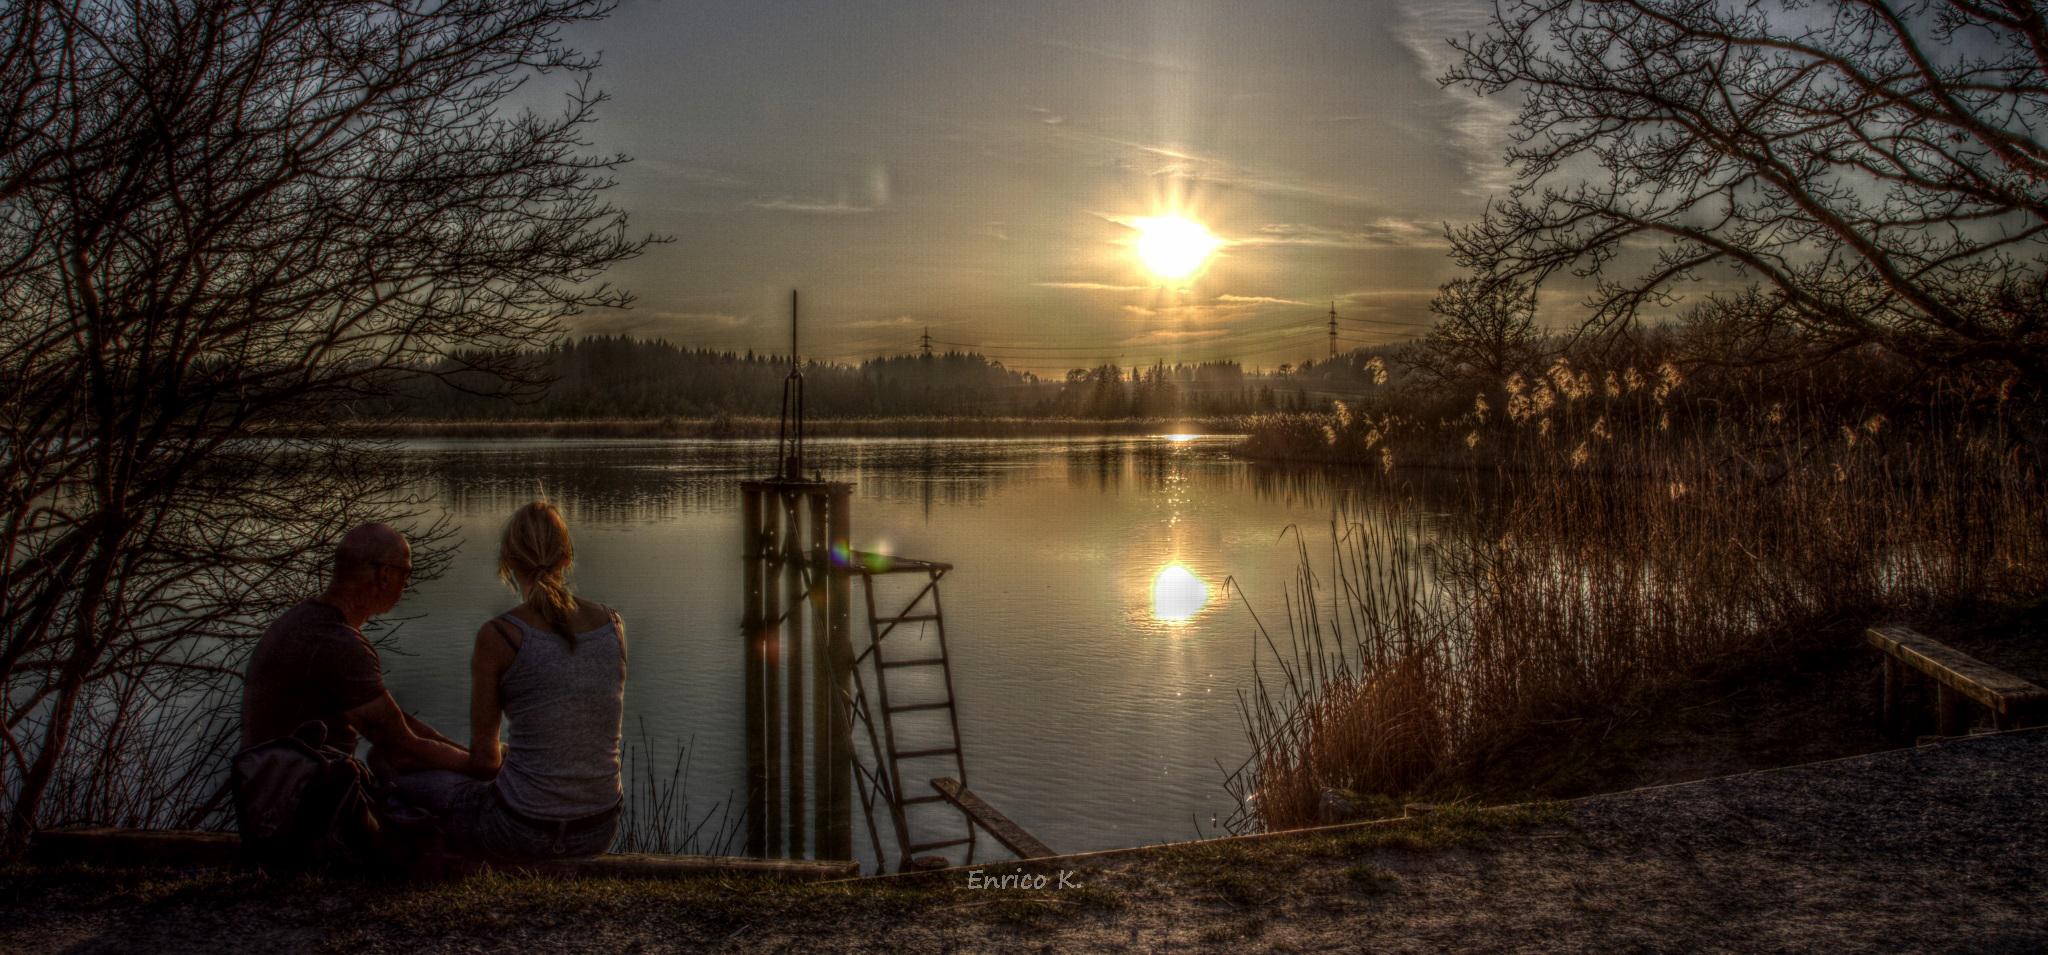 Zu zweit in den Sonnenuntergang ... (HDR Version)